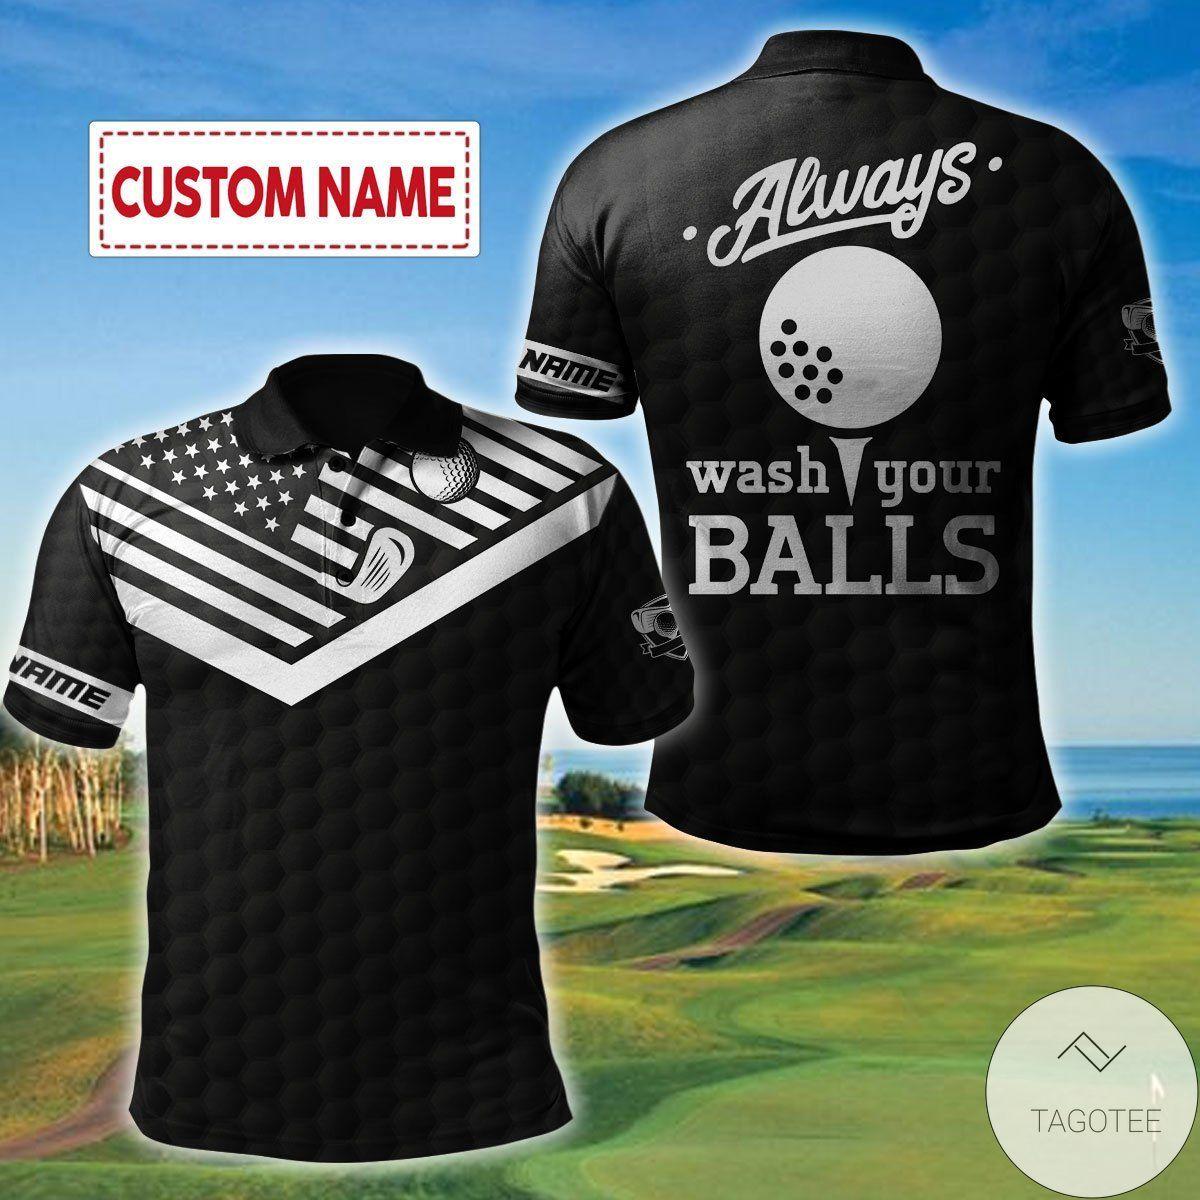 Native Hawaiian Culture Unisex Hawaiian Shirt